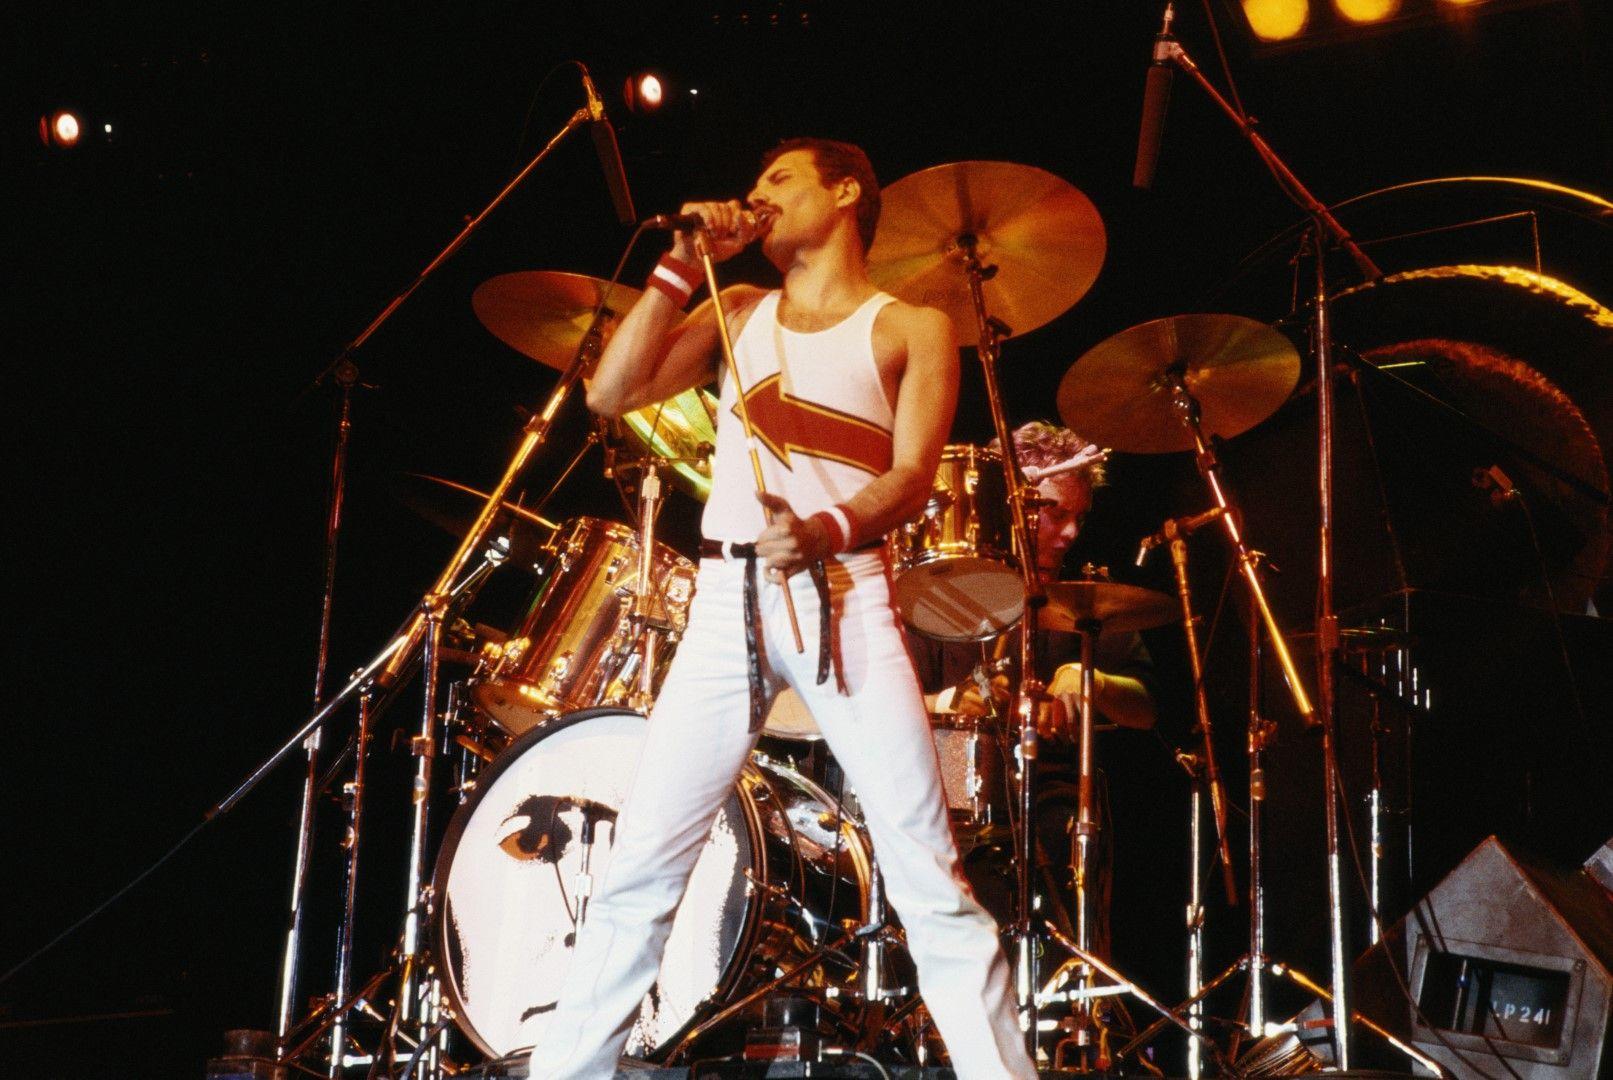 5 юни 1982 г.: Фреди Меркюри изпълнява песните на Queen на концерт във Великобритания